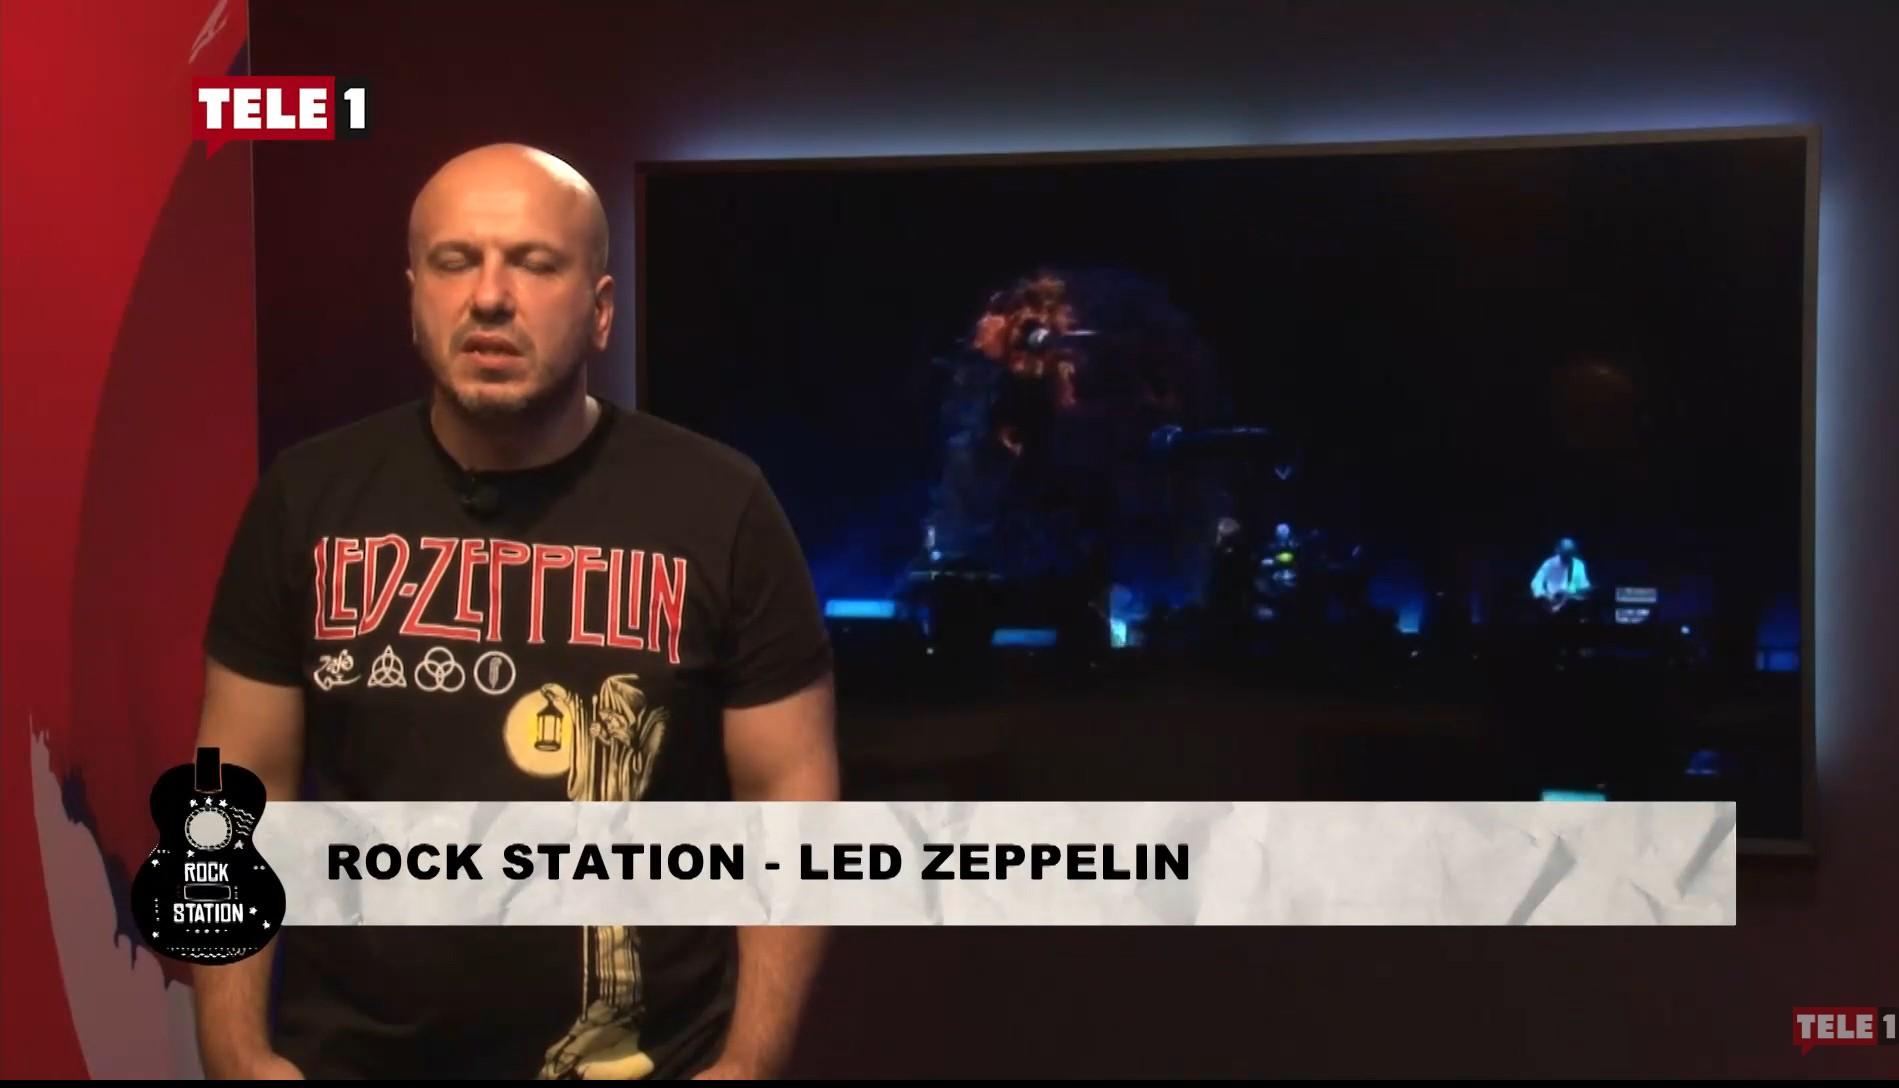 Led Zeppelin Rock Station'da